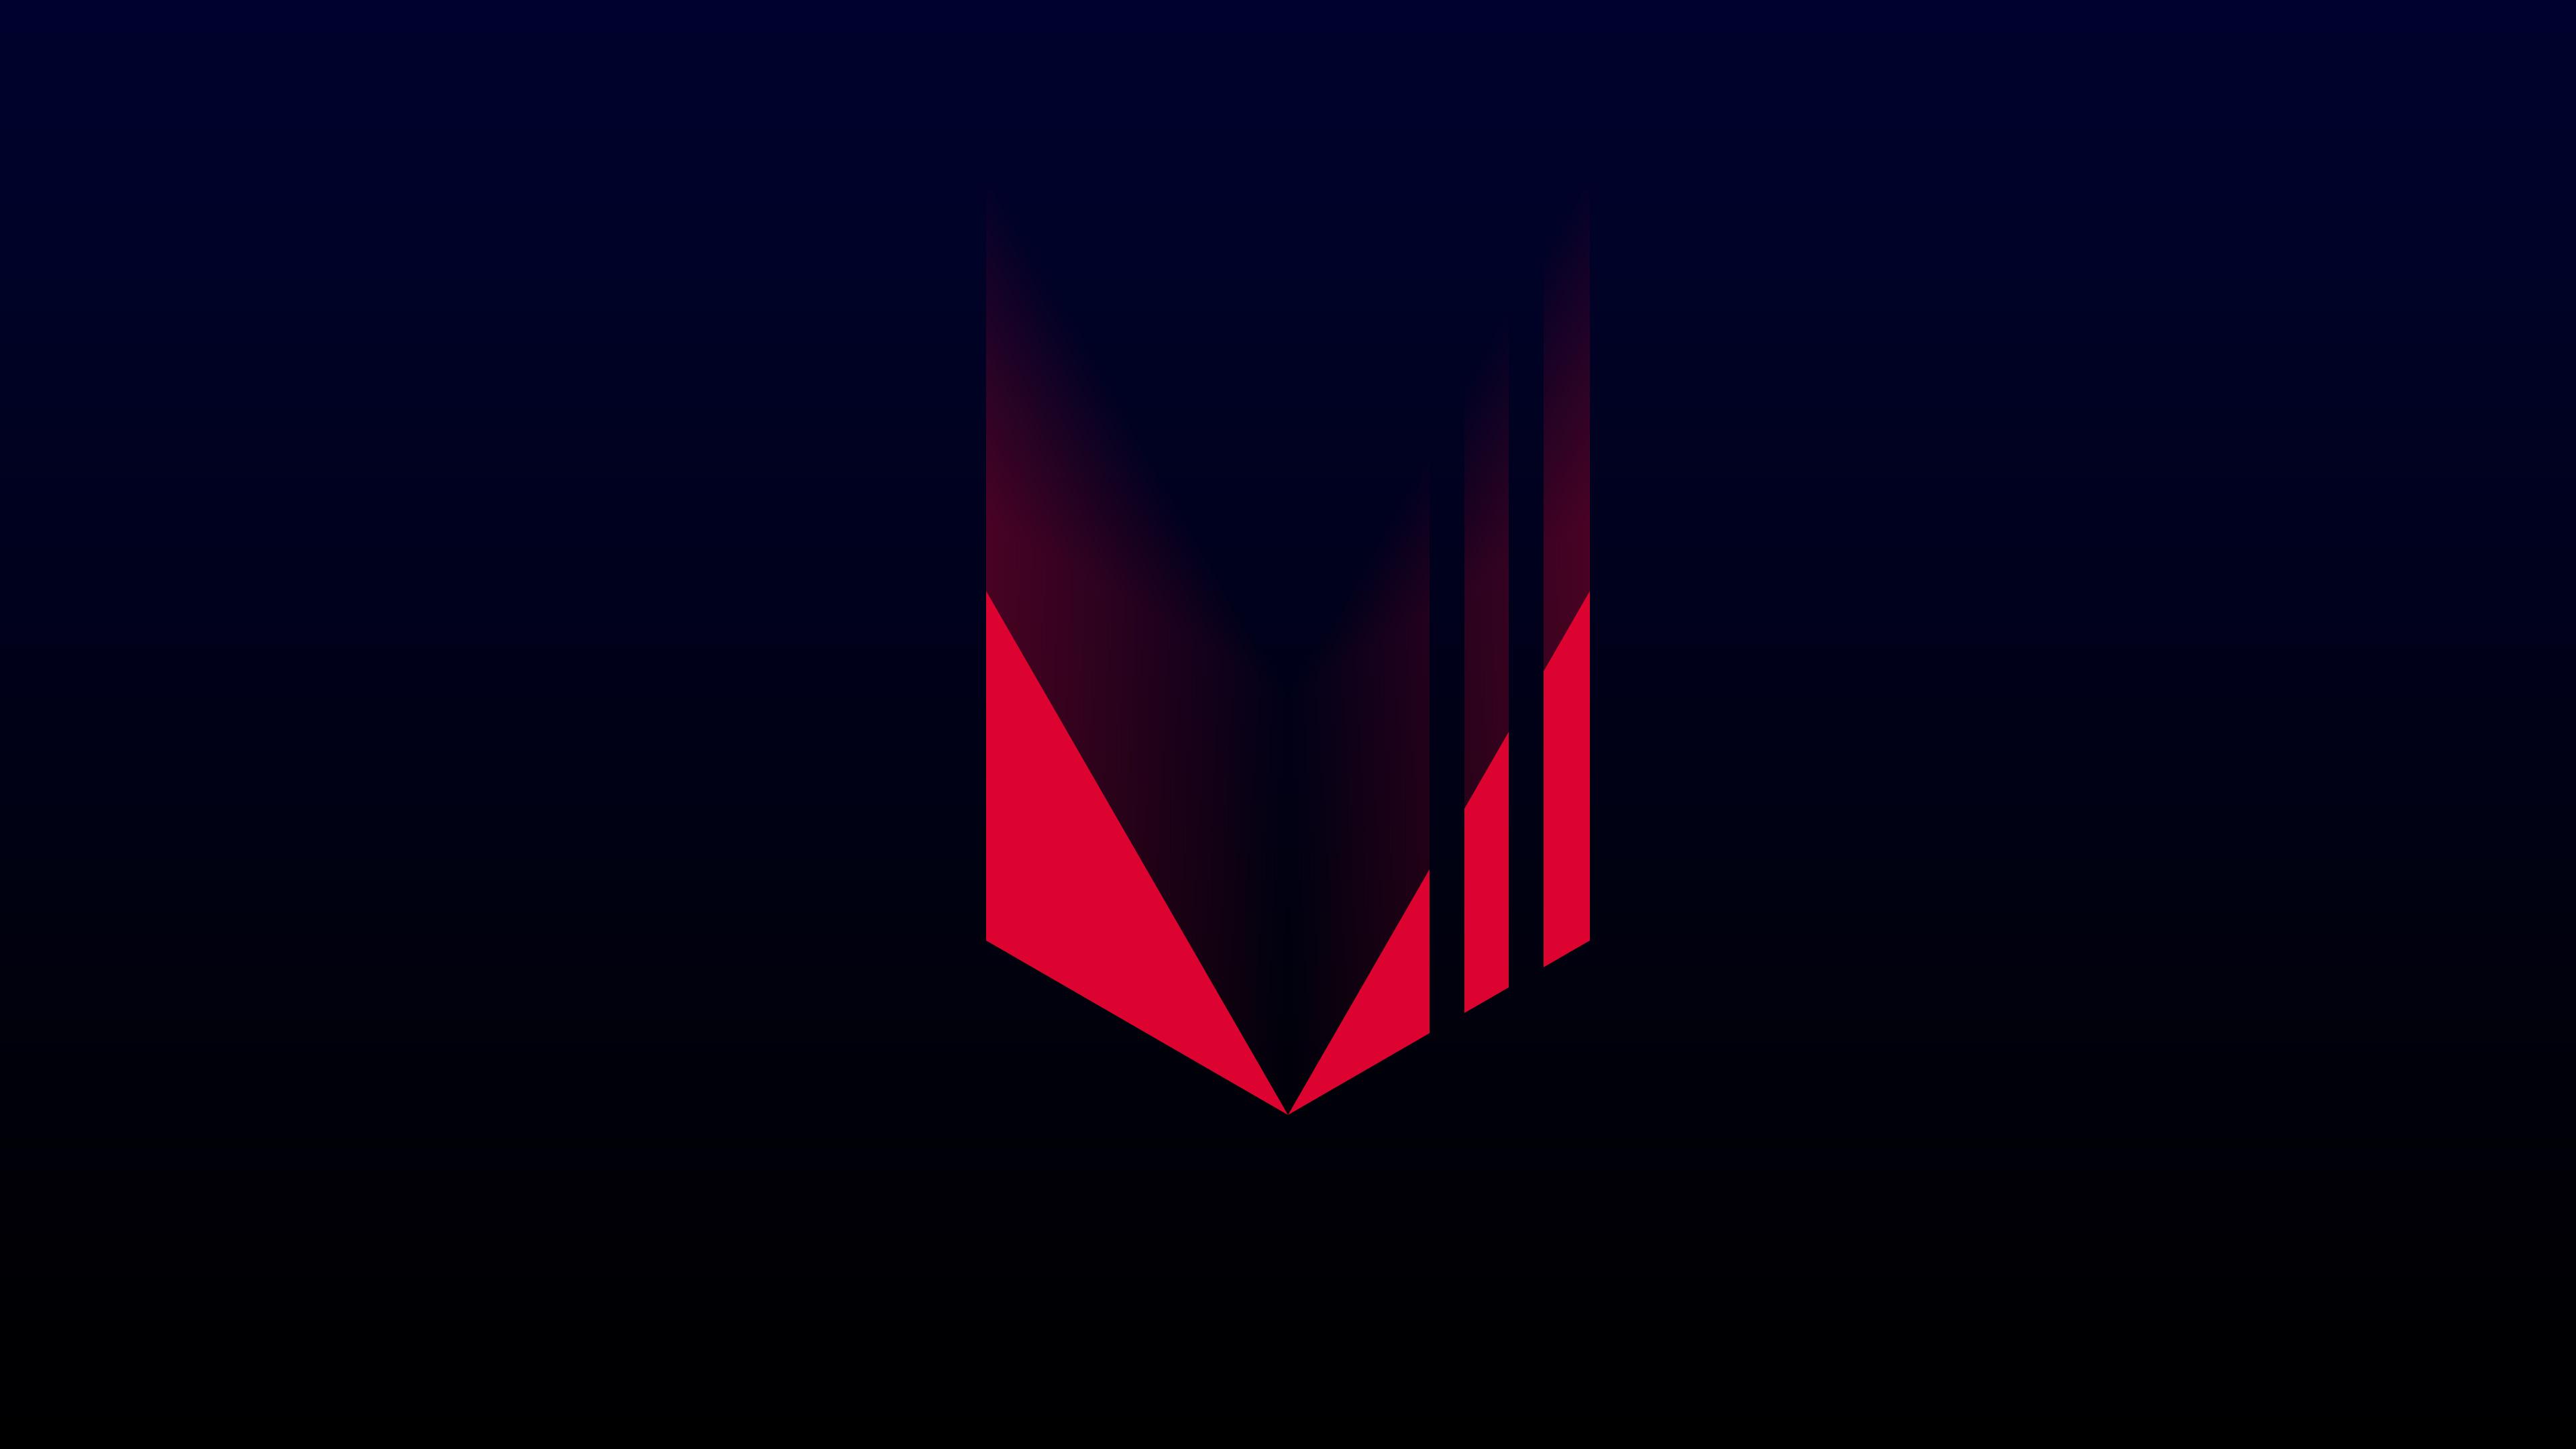 AMD szykuje nowe, potężne karty graficzne. Nvidia może mieć problem 16